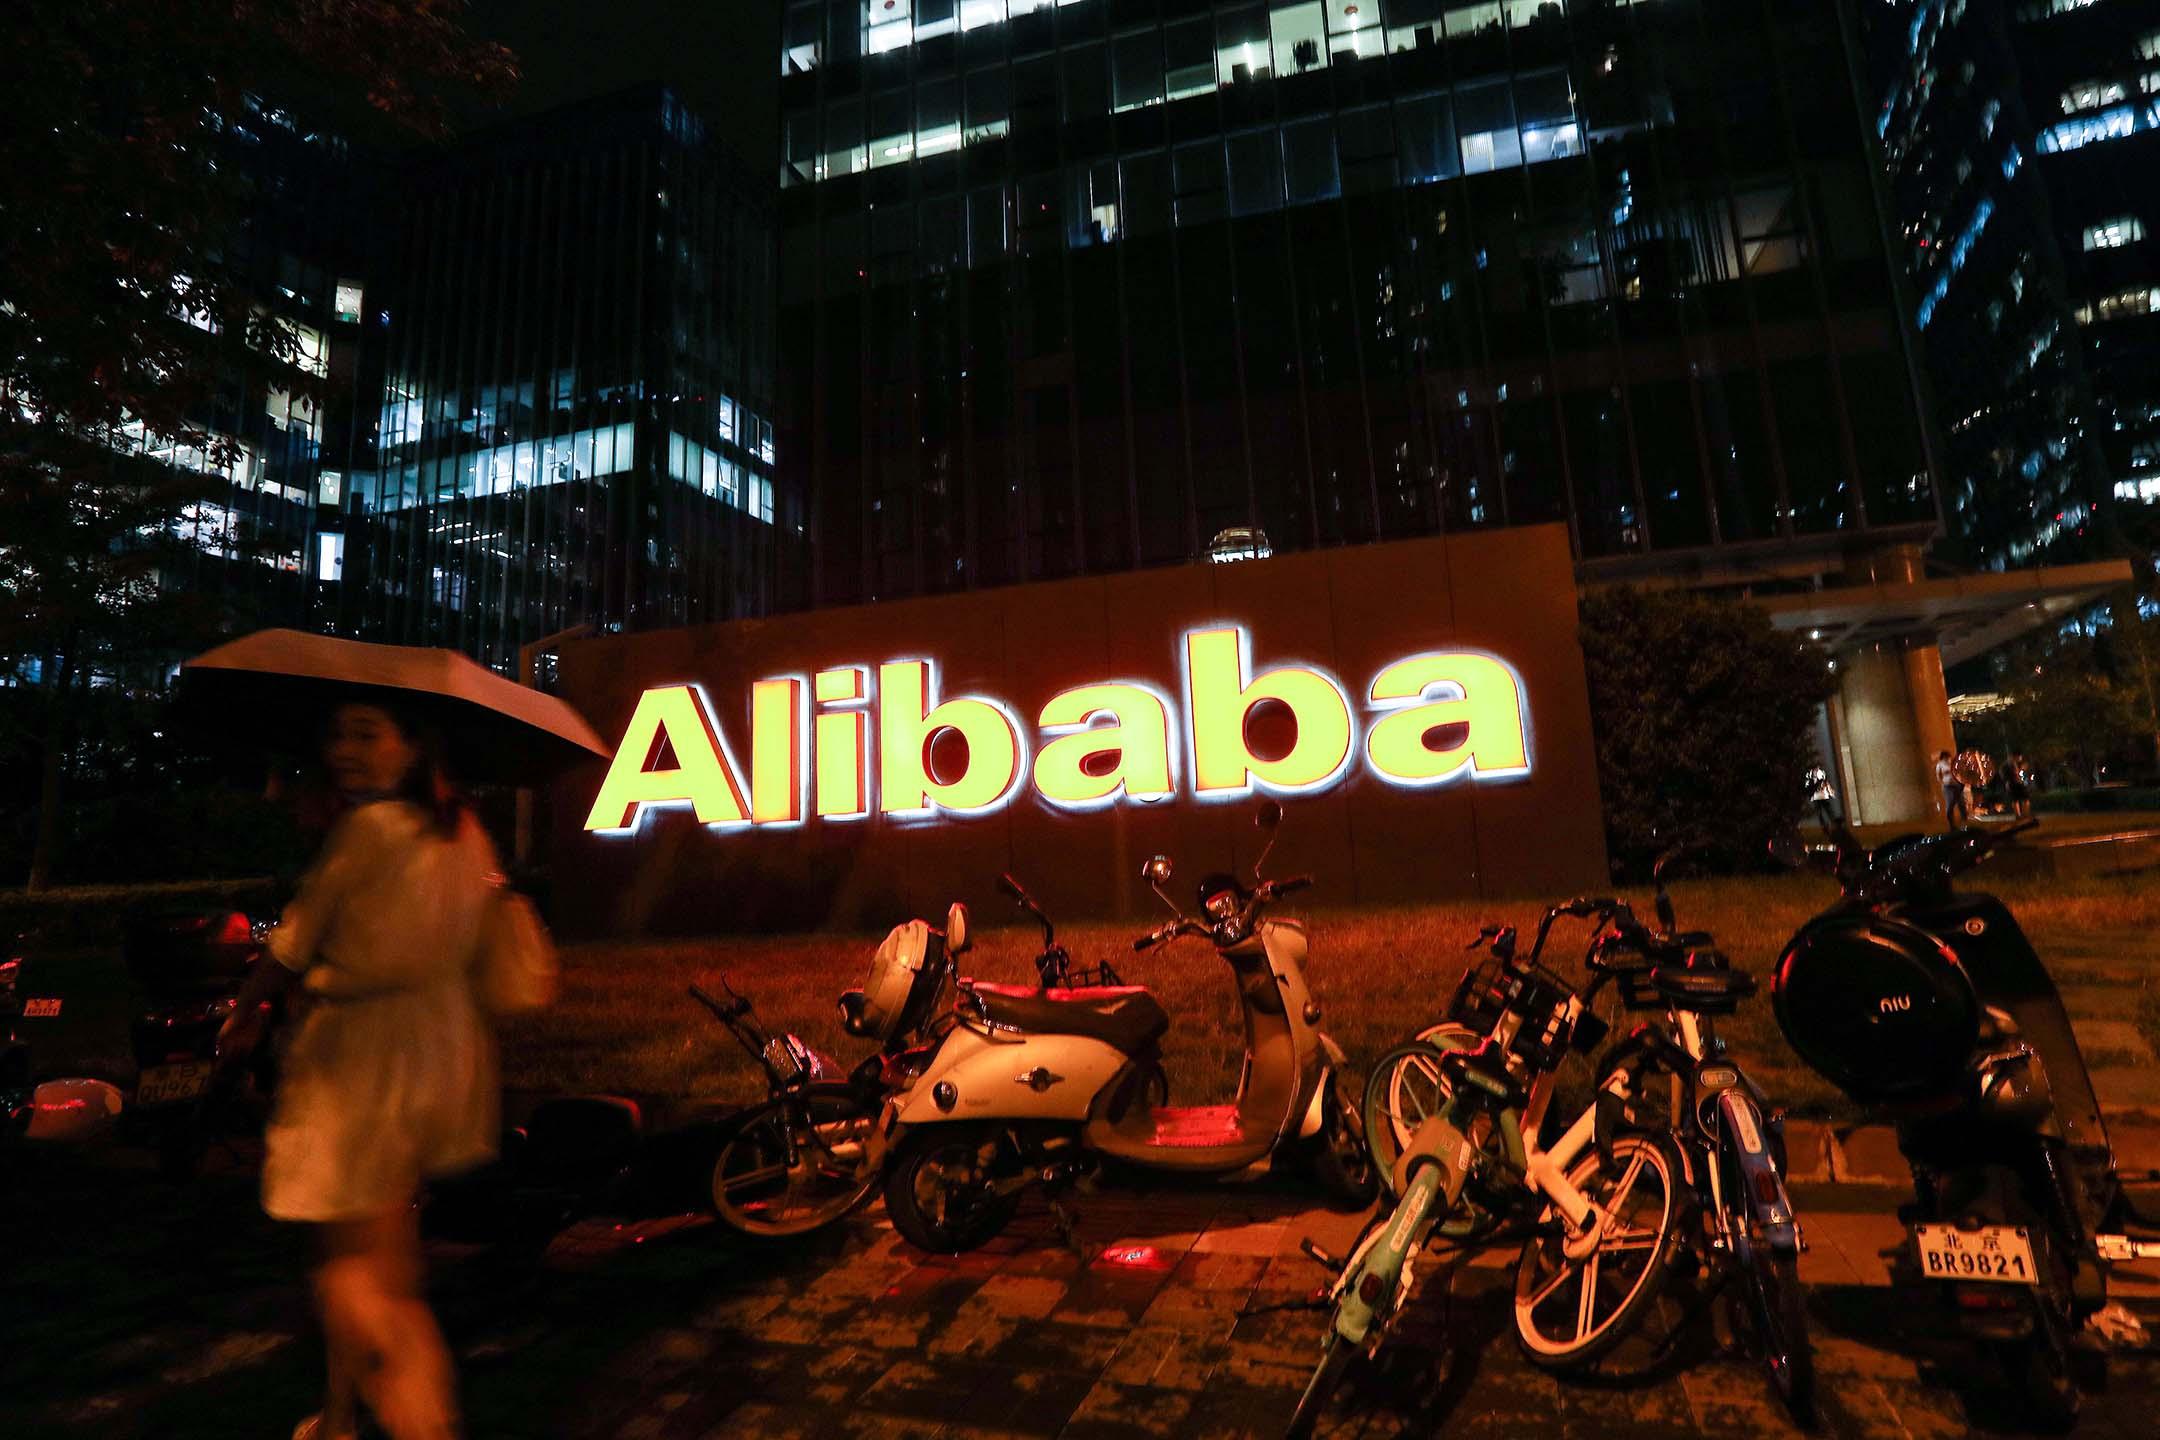 2021年8月9日中國北京,阿里巴巴集團的標誌在北京的辦公大樓亮起。